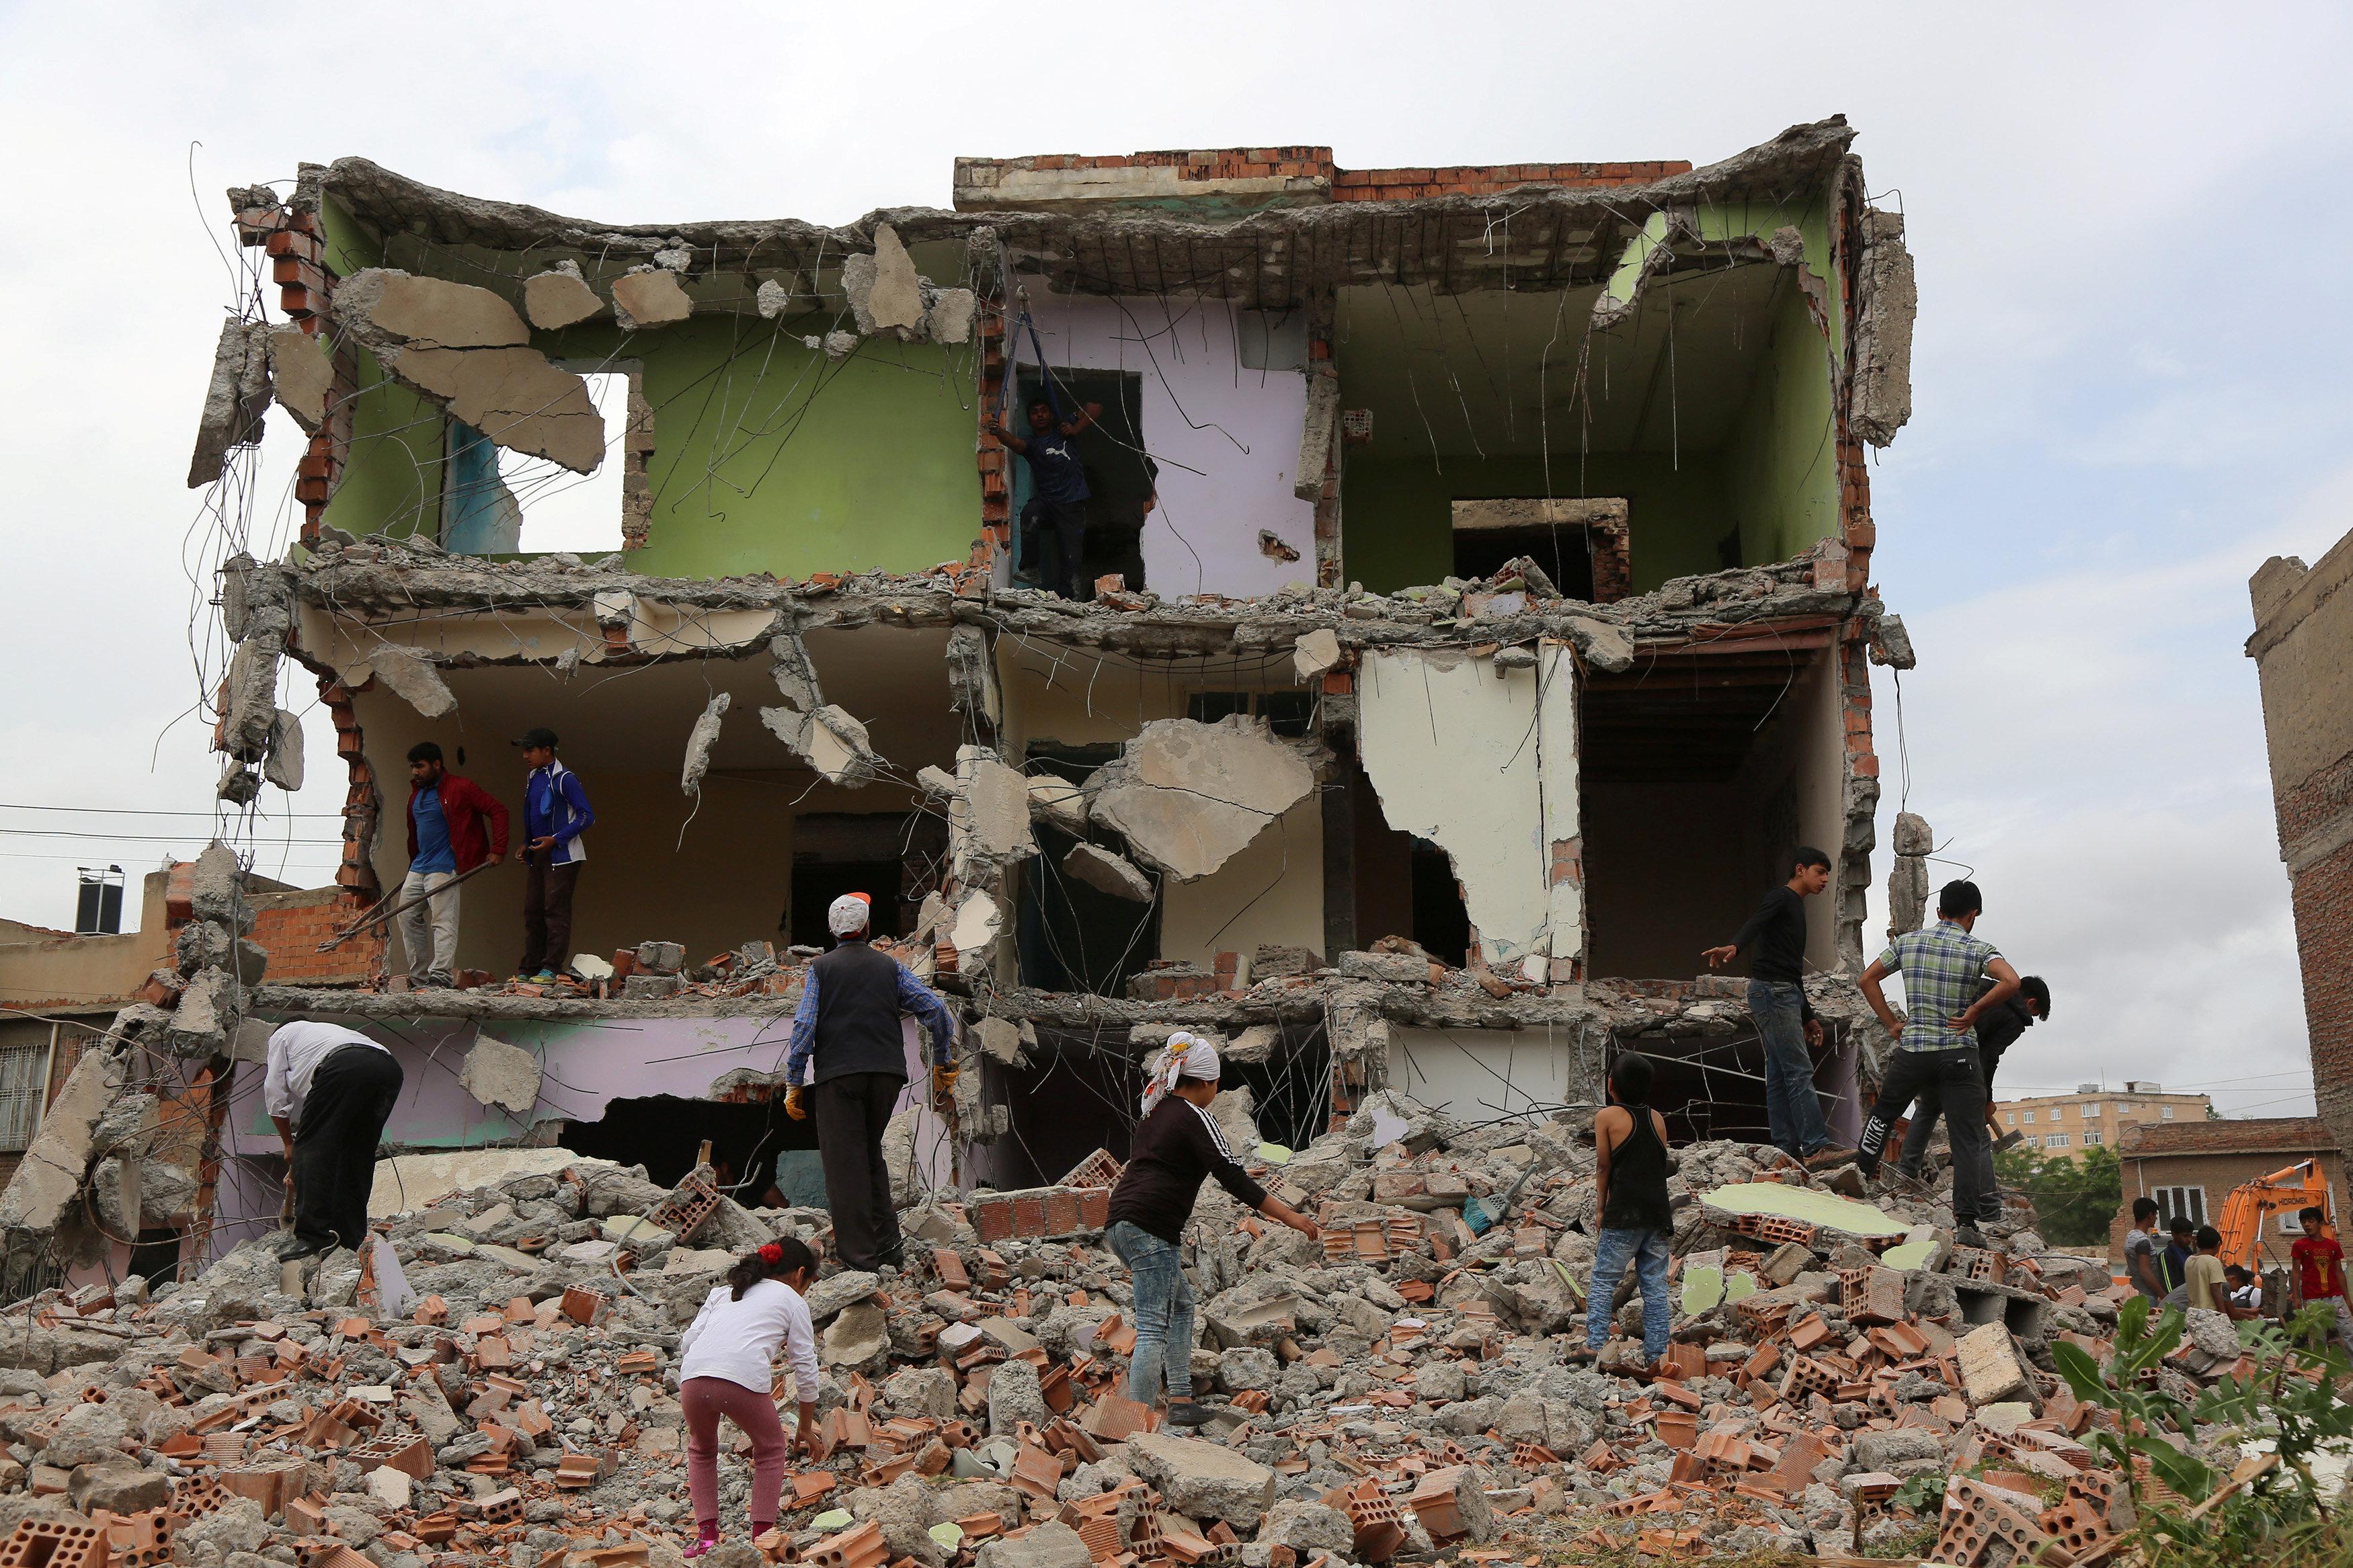 زلزال بقوة 5.1 درجة يضرب إقليم في تركيا